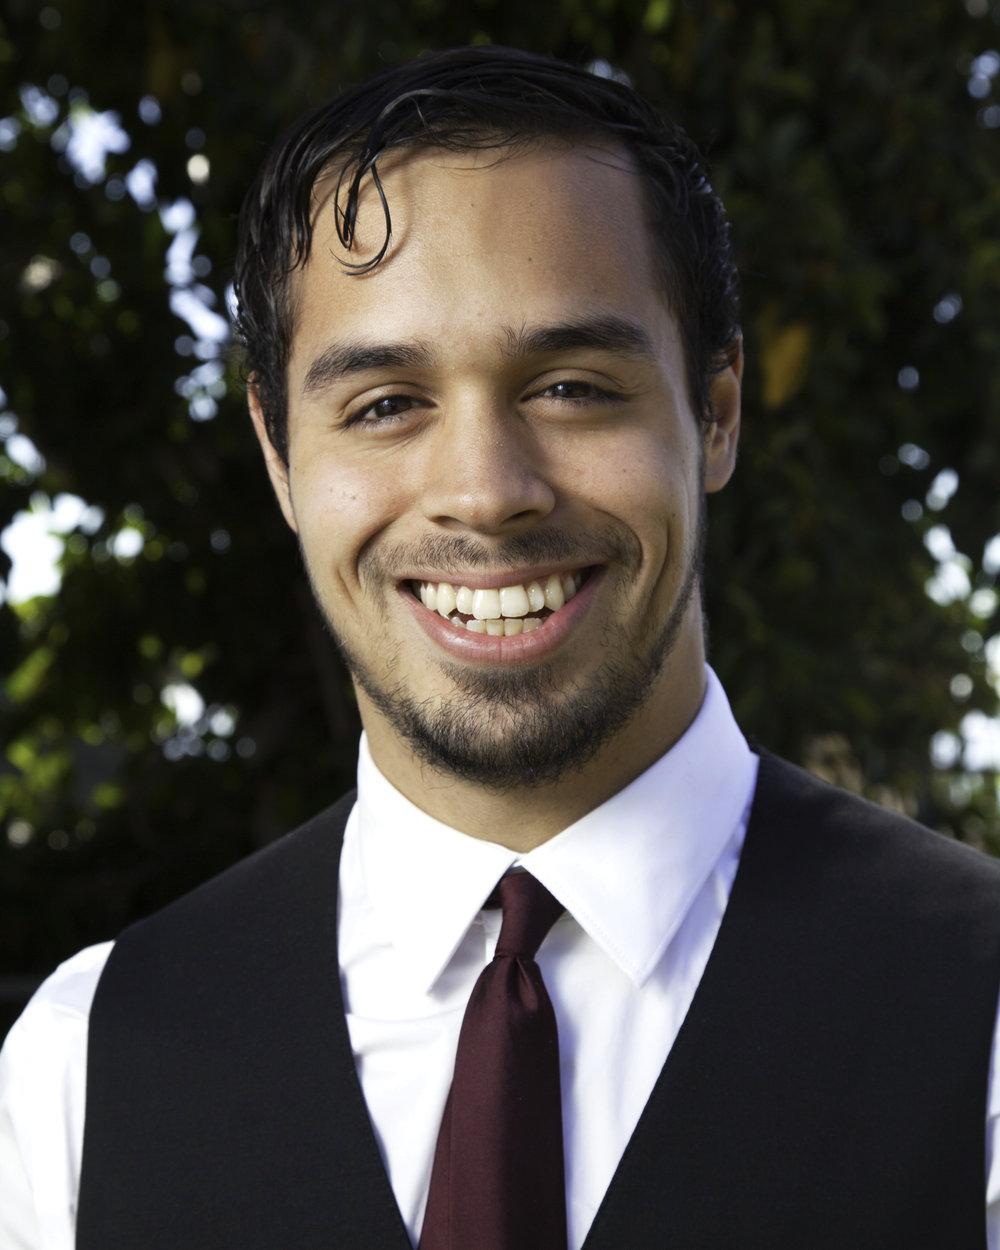 Josh Villaneuva